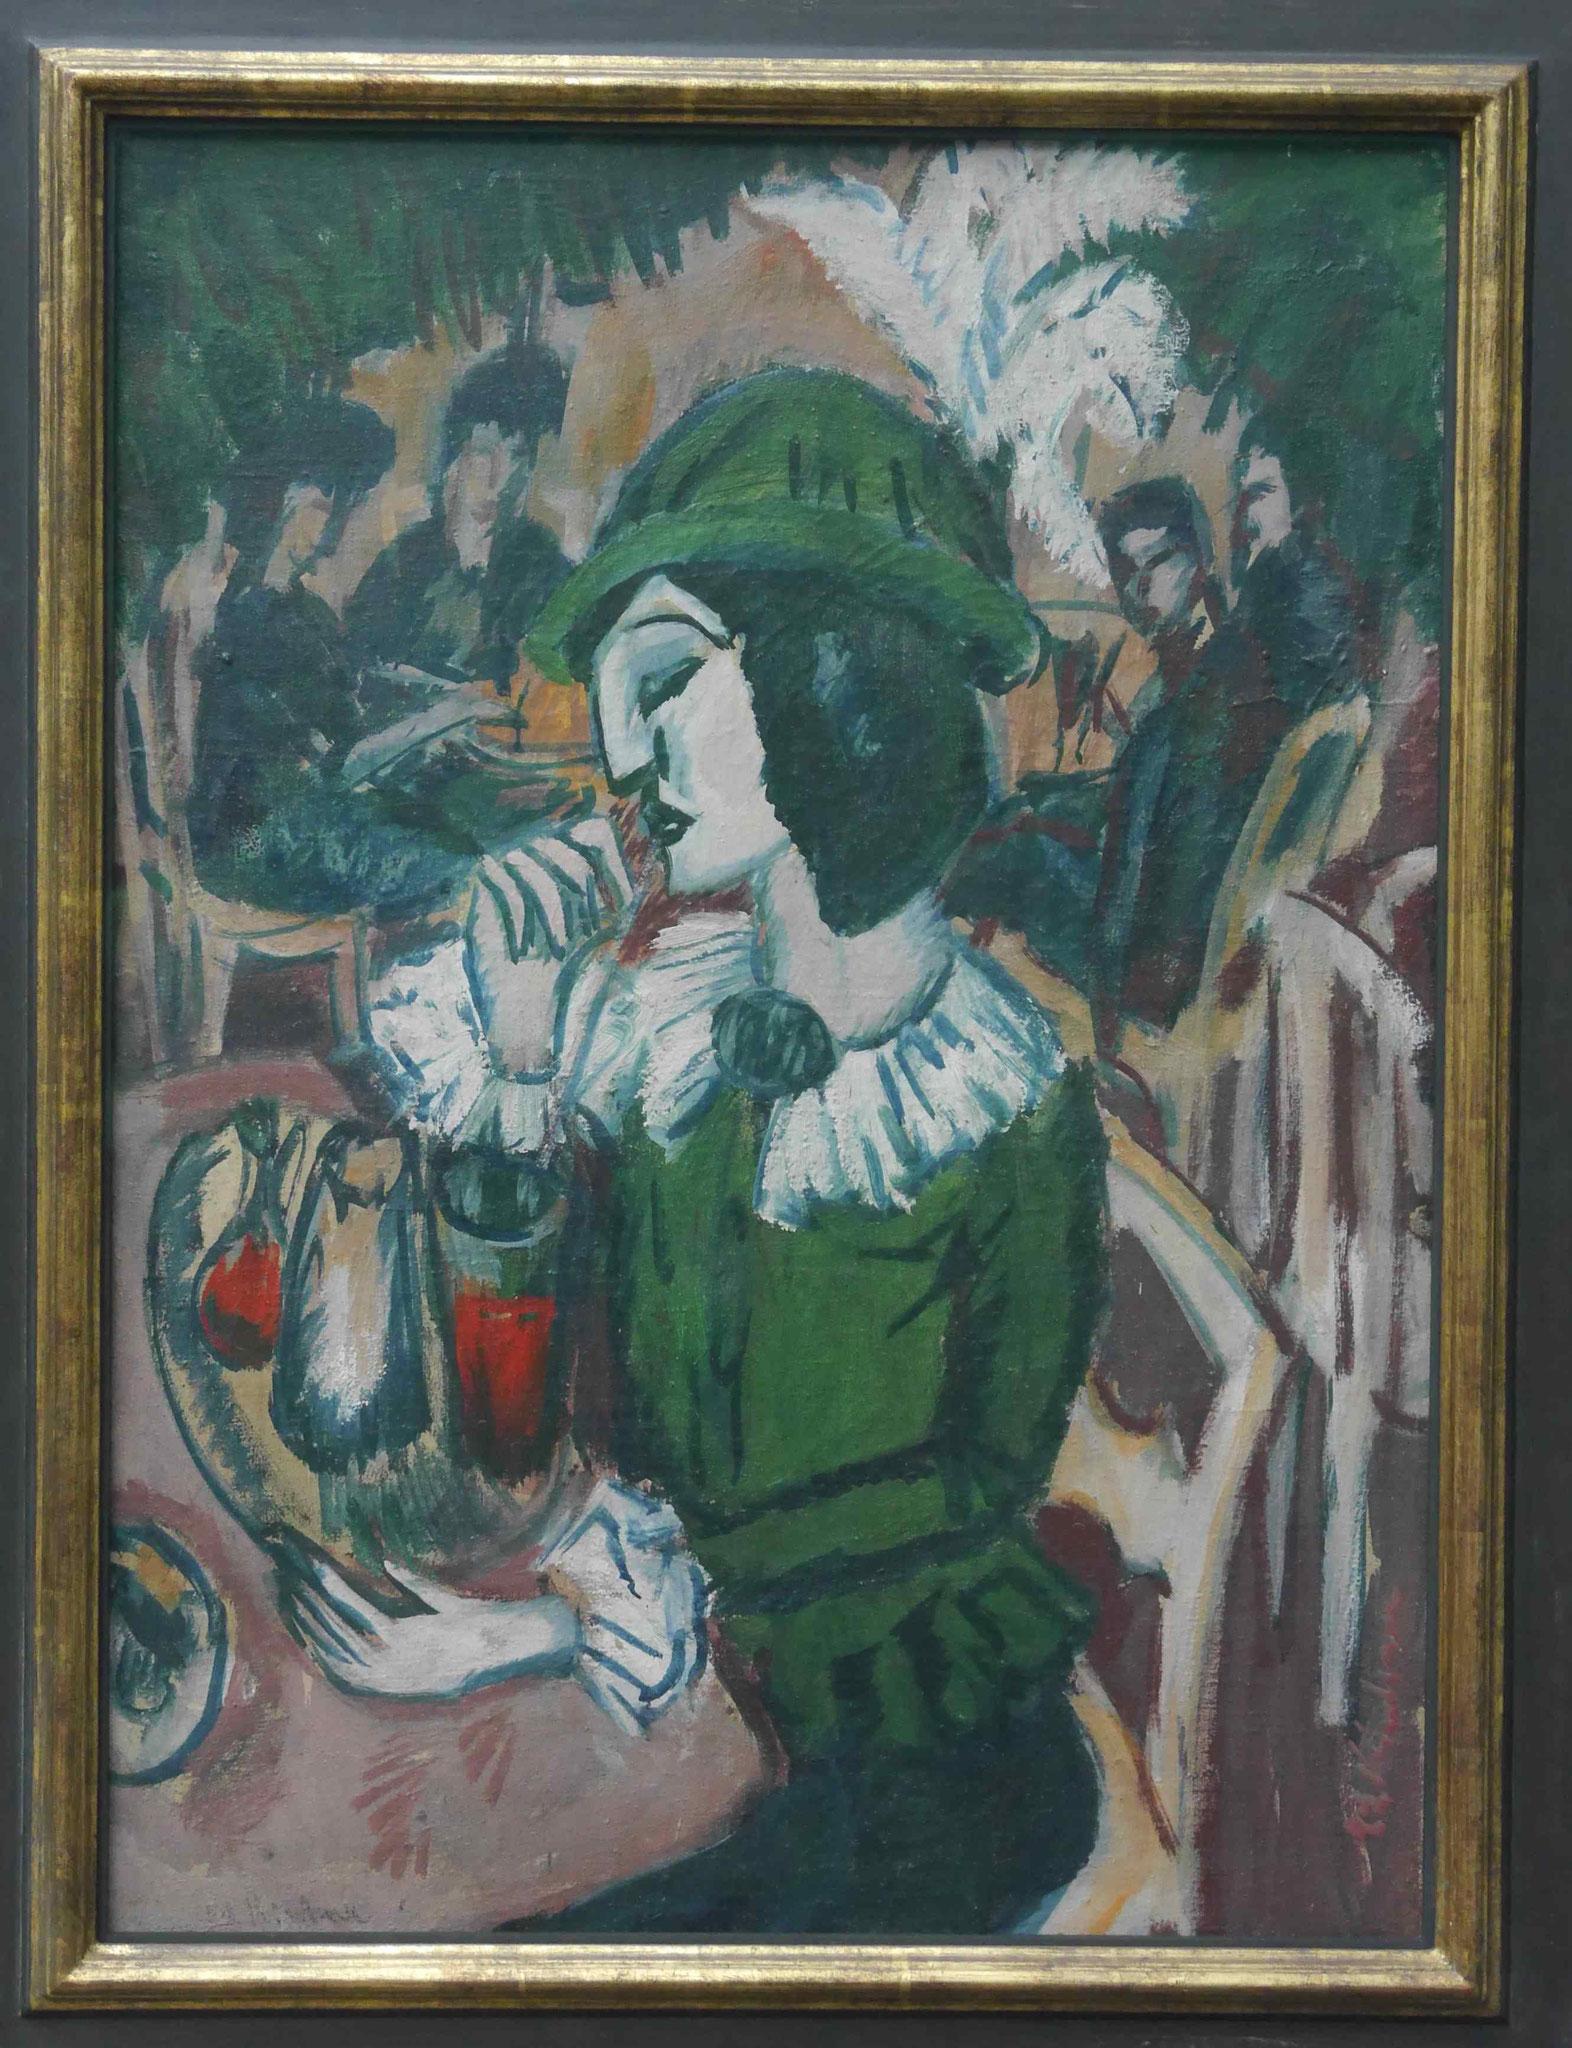 Ernst Ludwig Kirchner, ImEx, Kunstsammlung Nordrhein-Wwestfalen, Düsseldor